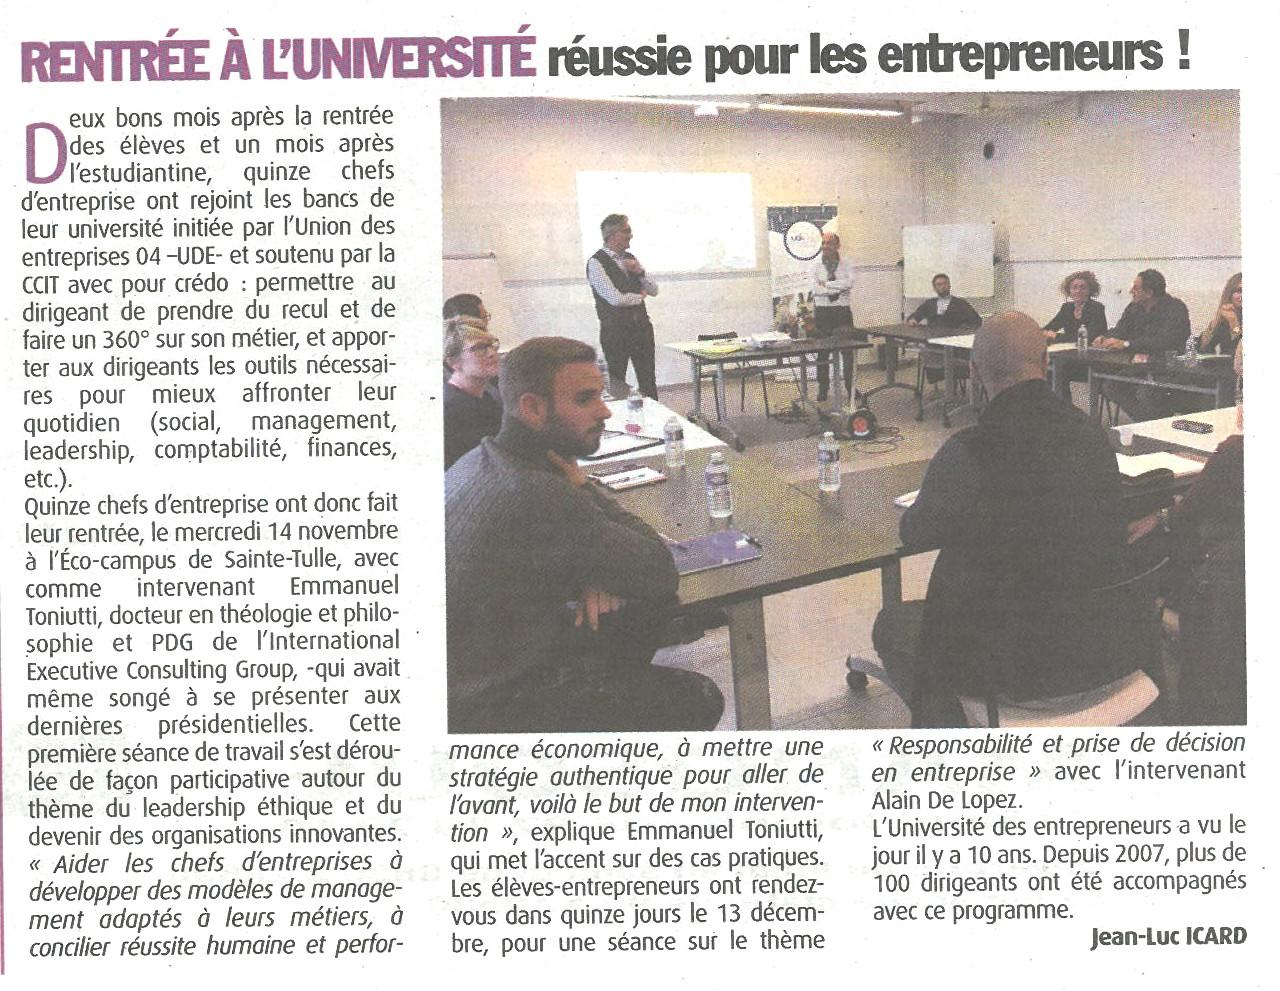 Universite entrepreneurs_HPI 2911